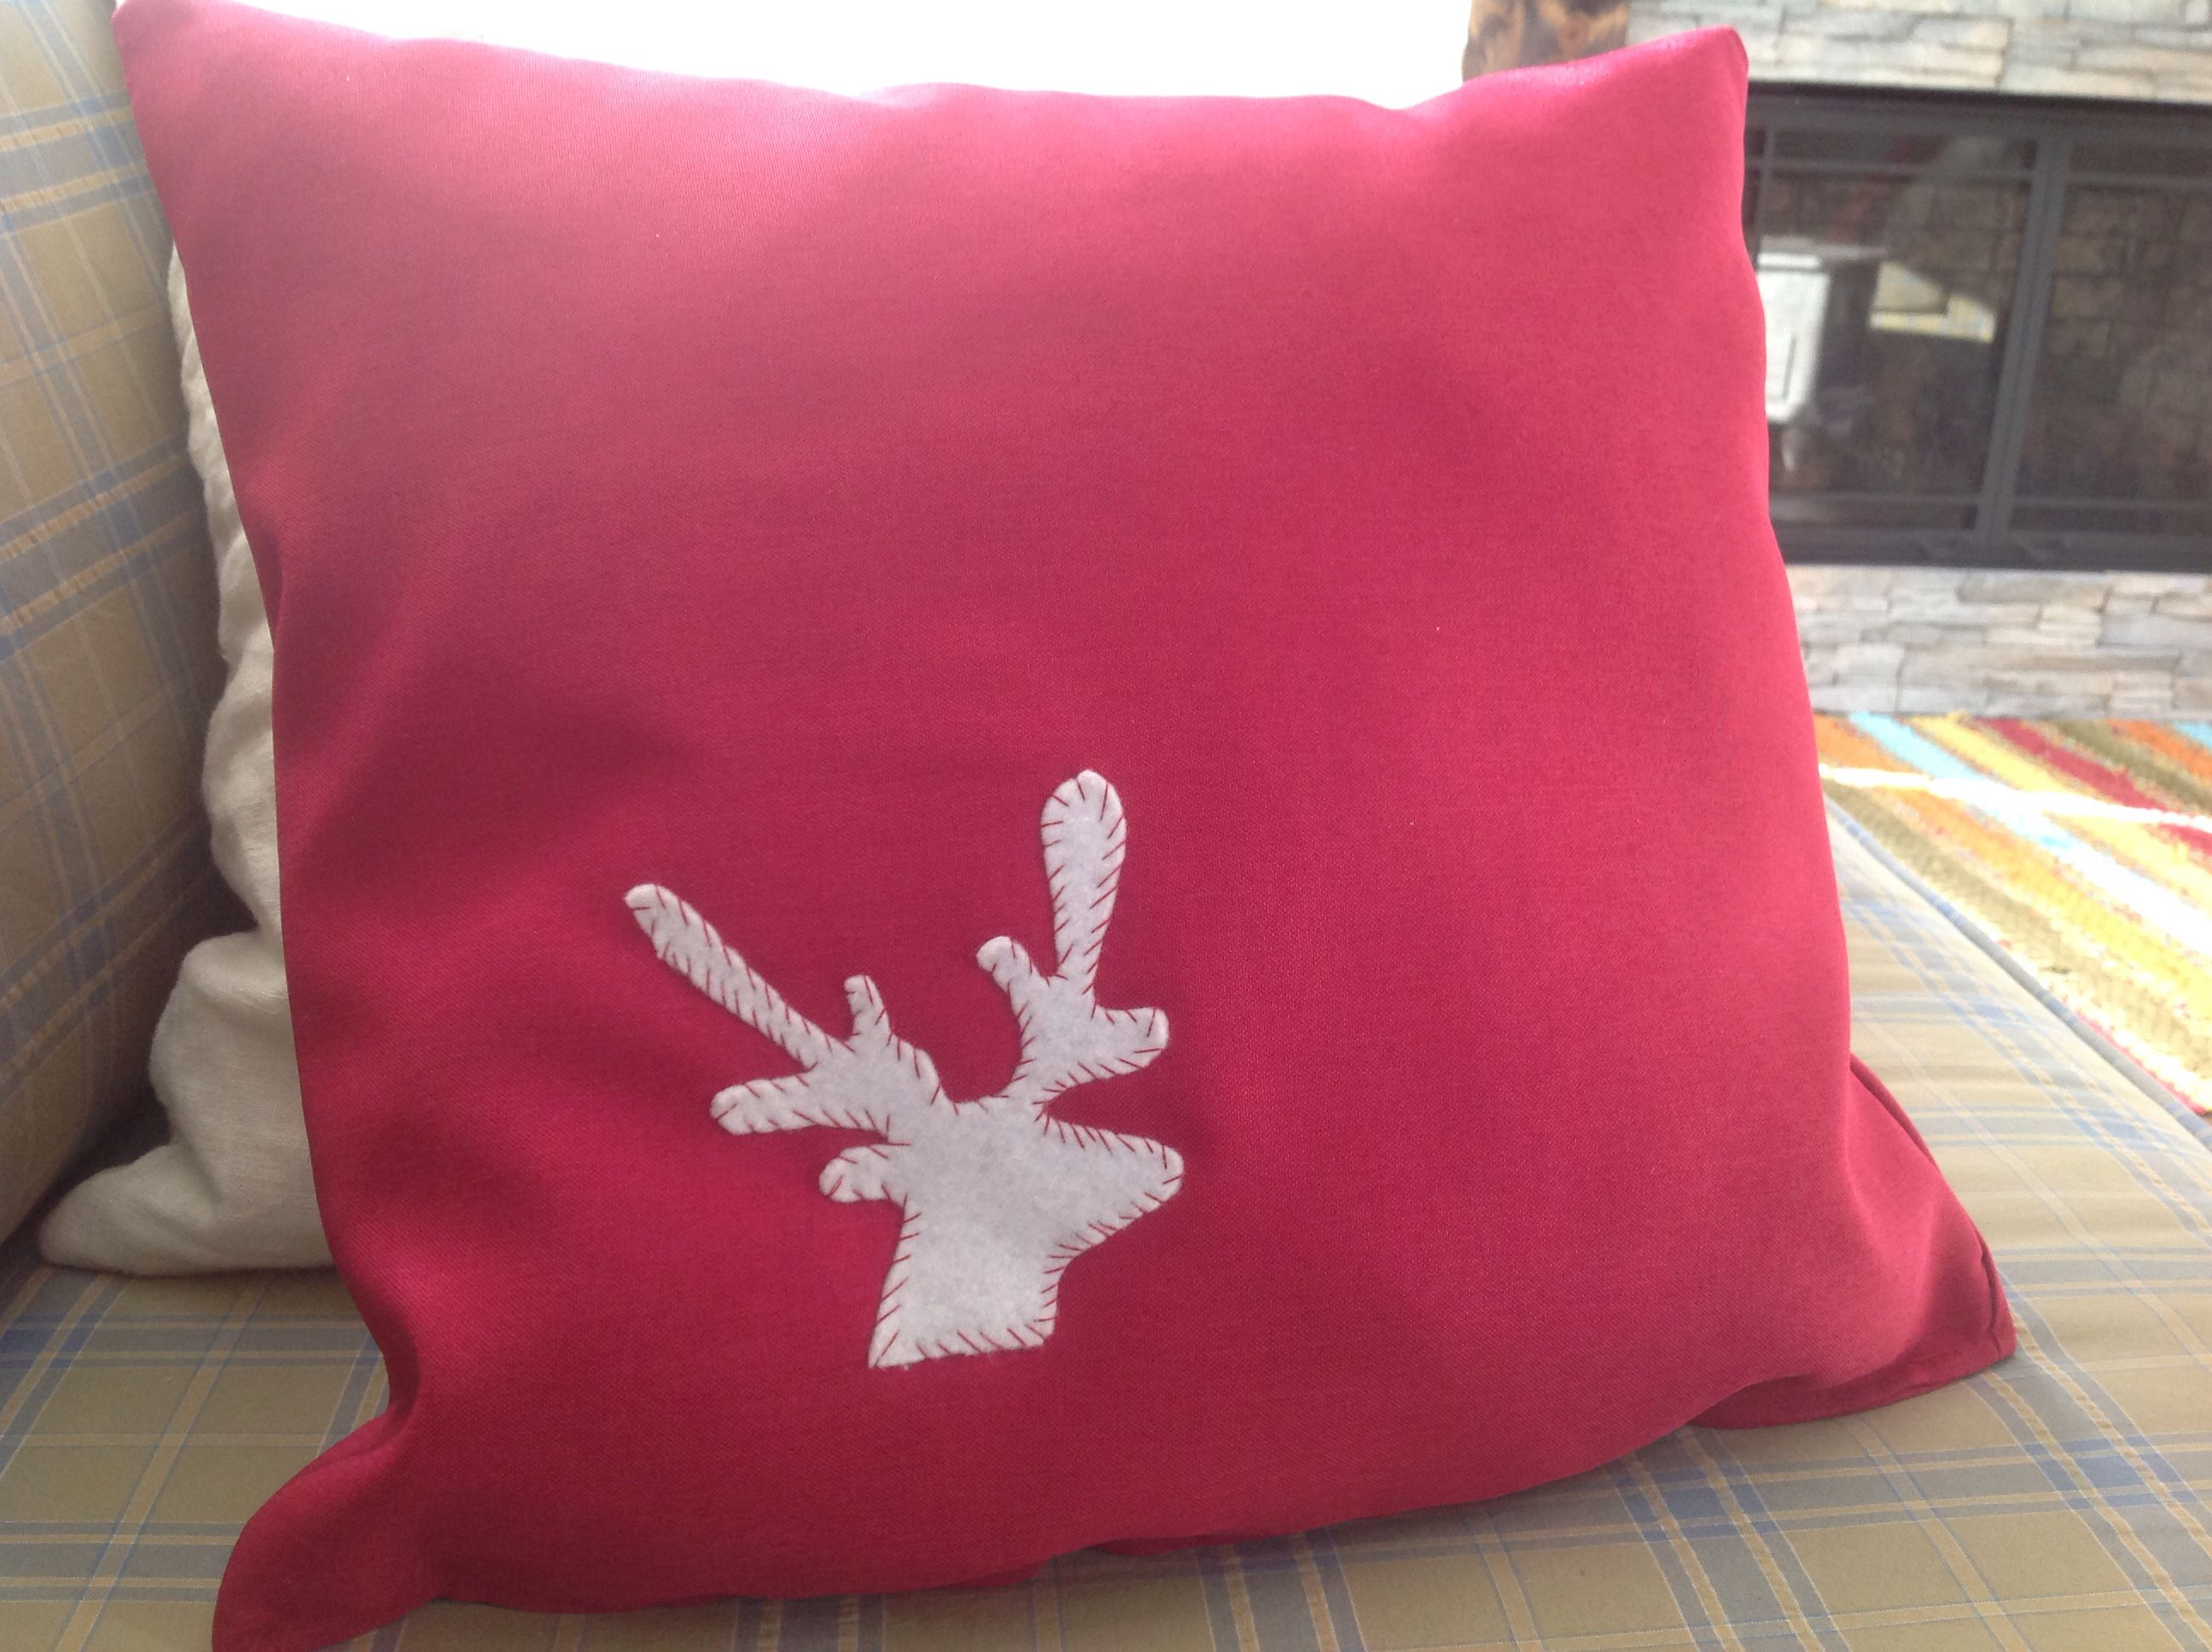 Petite tête de chevreuil pour embellir mes coussins. Feutrine blanche. White felt deer head.